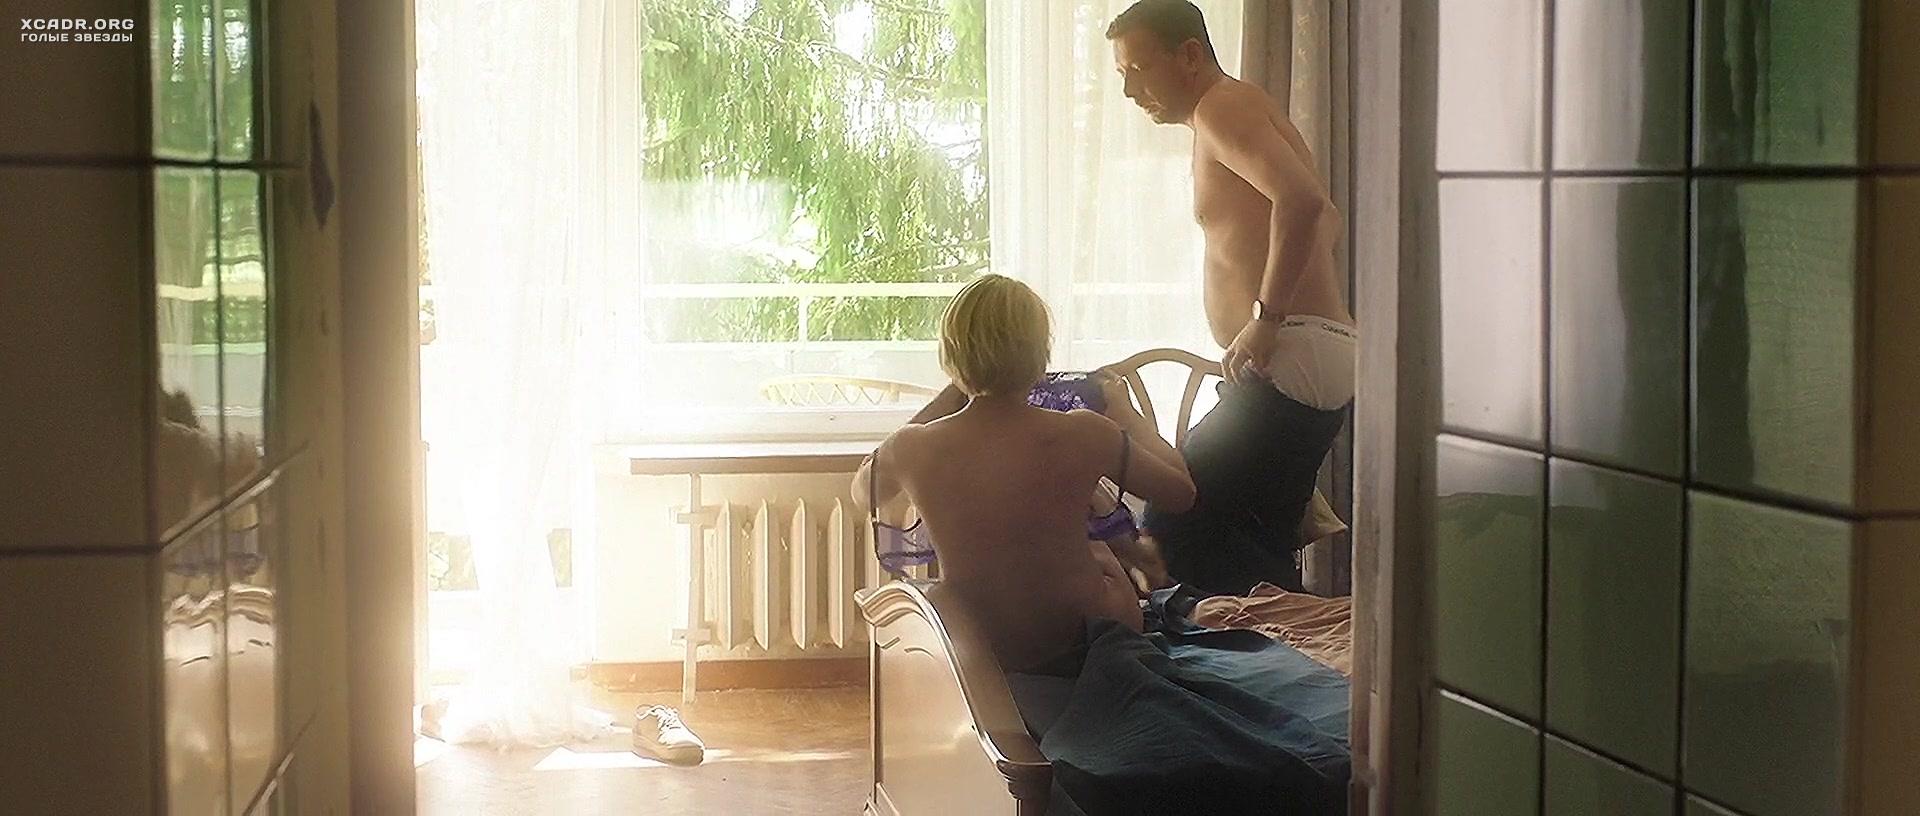 trah-s-viktoriey-tolstoganovoy-porno-devushki-sosut-foto-smotret